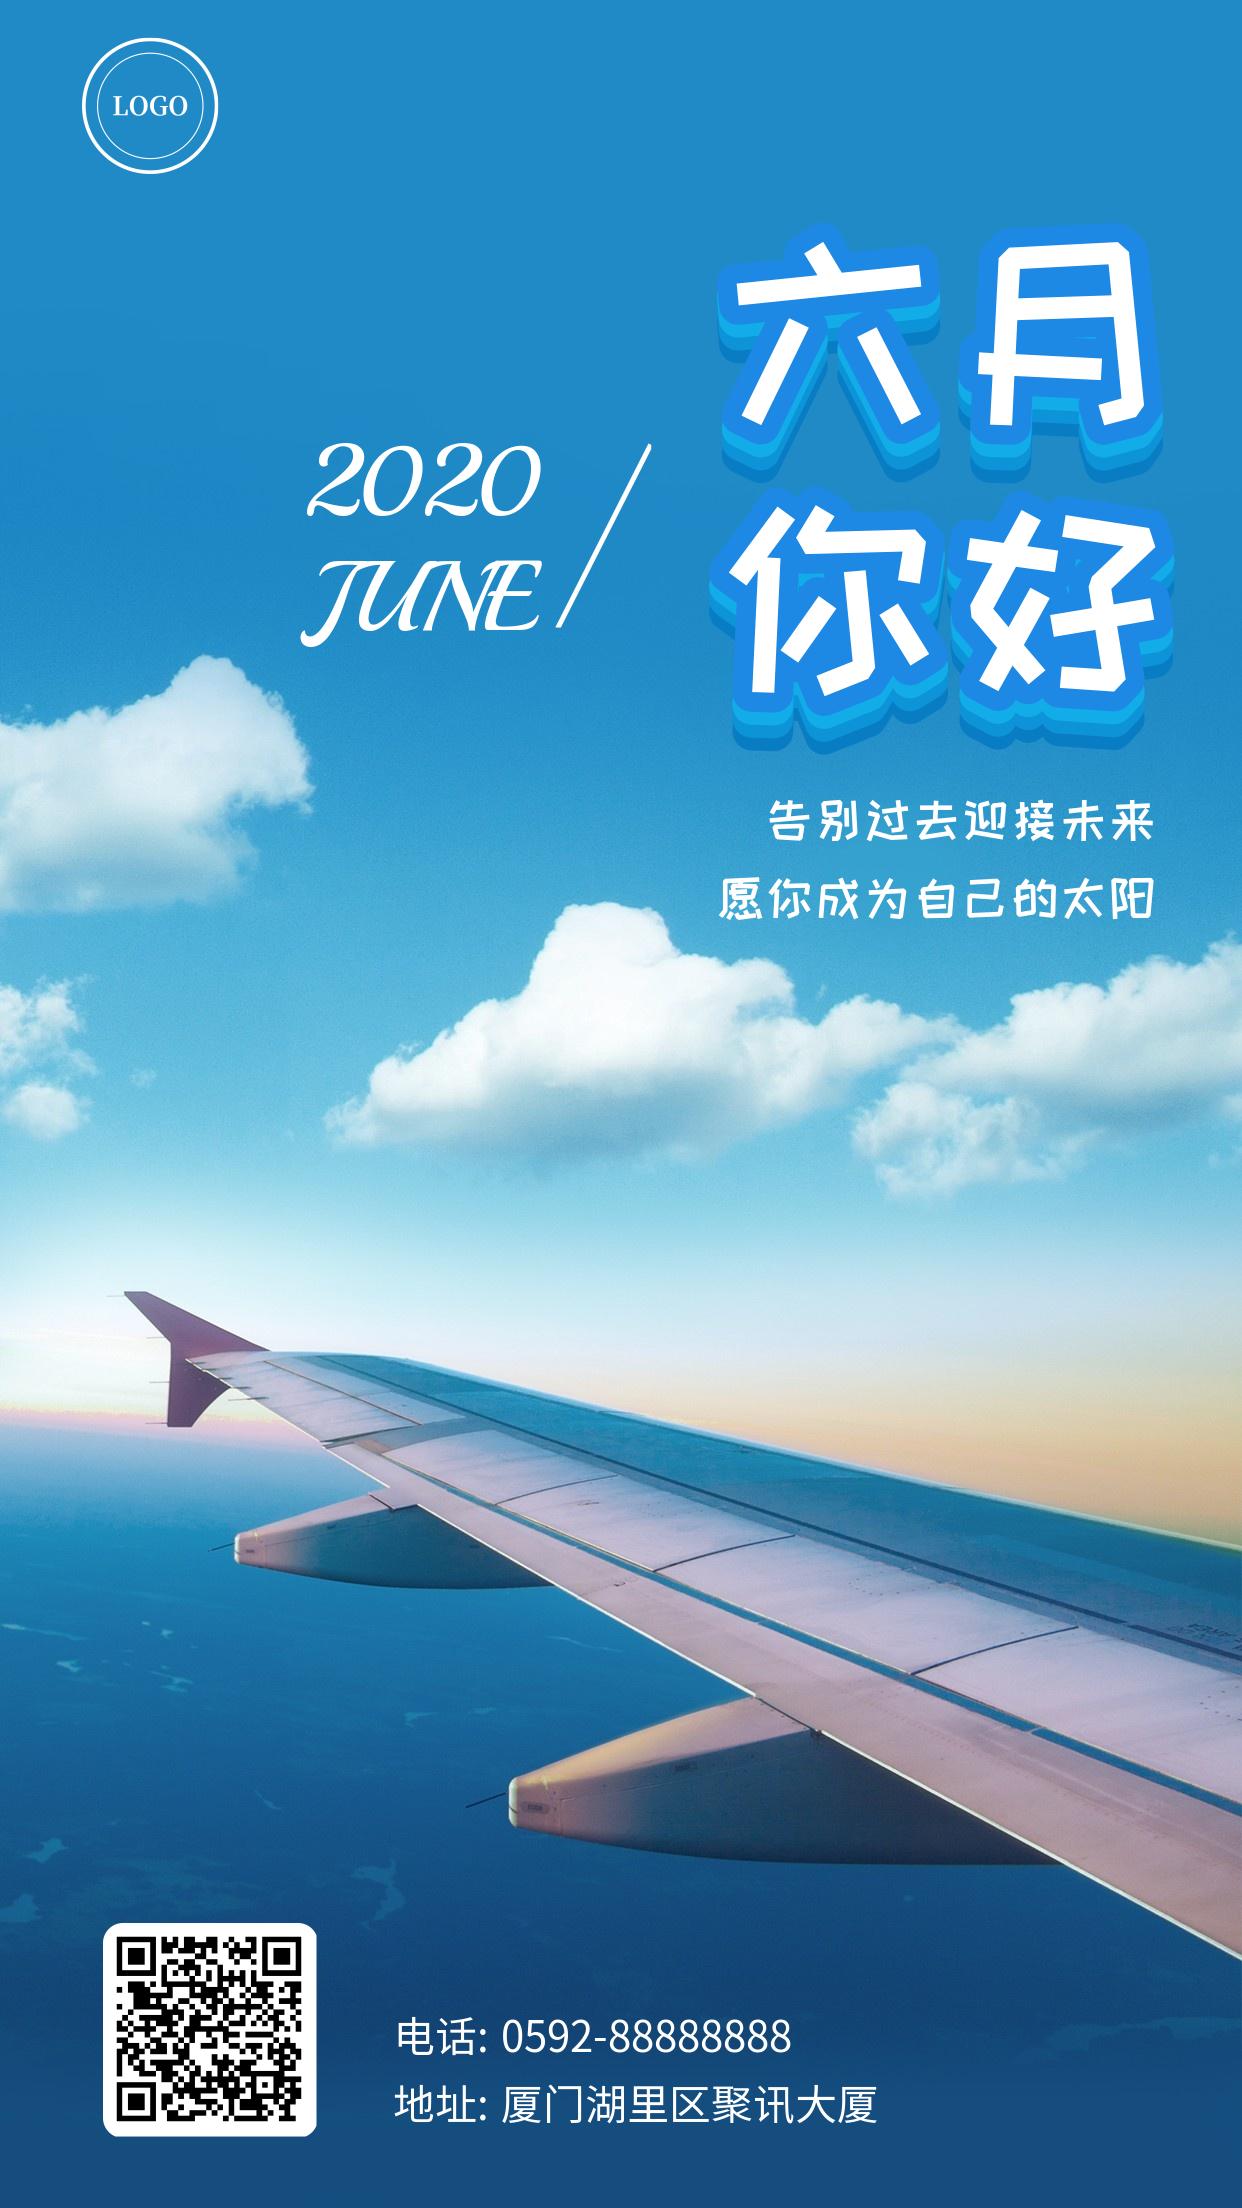 6月你好日签实景正能量手机海报